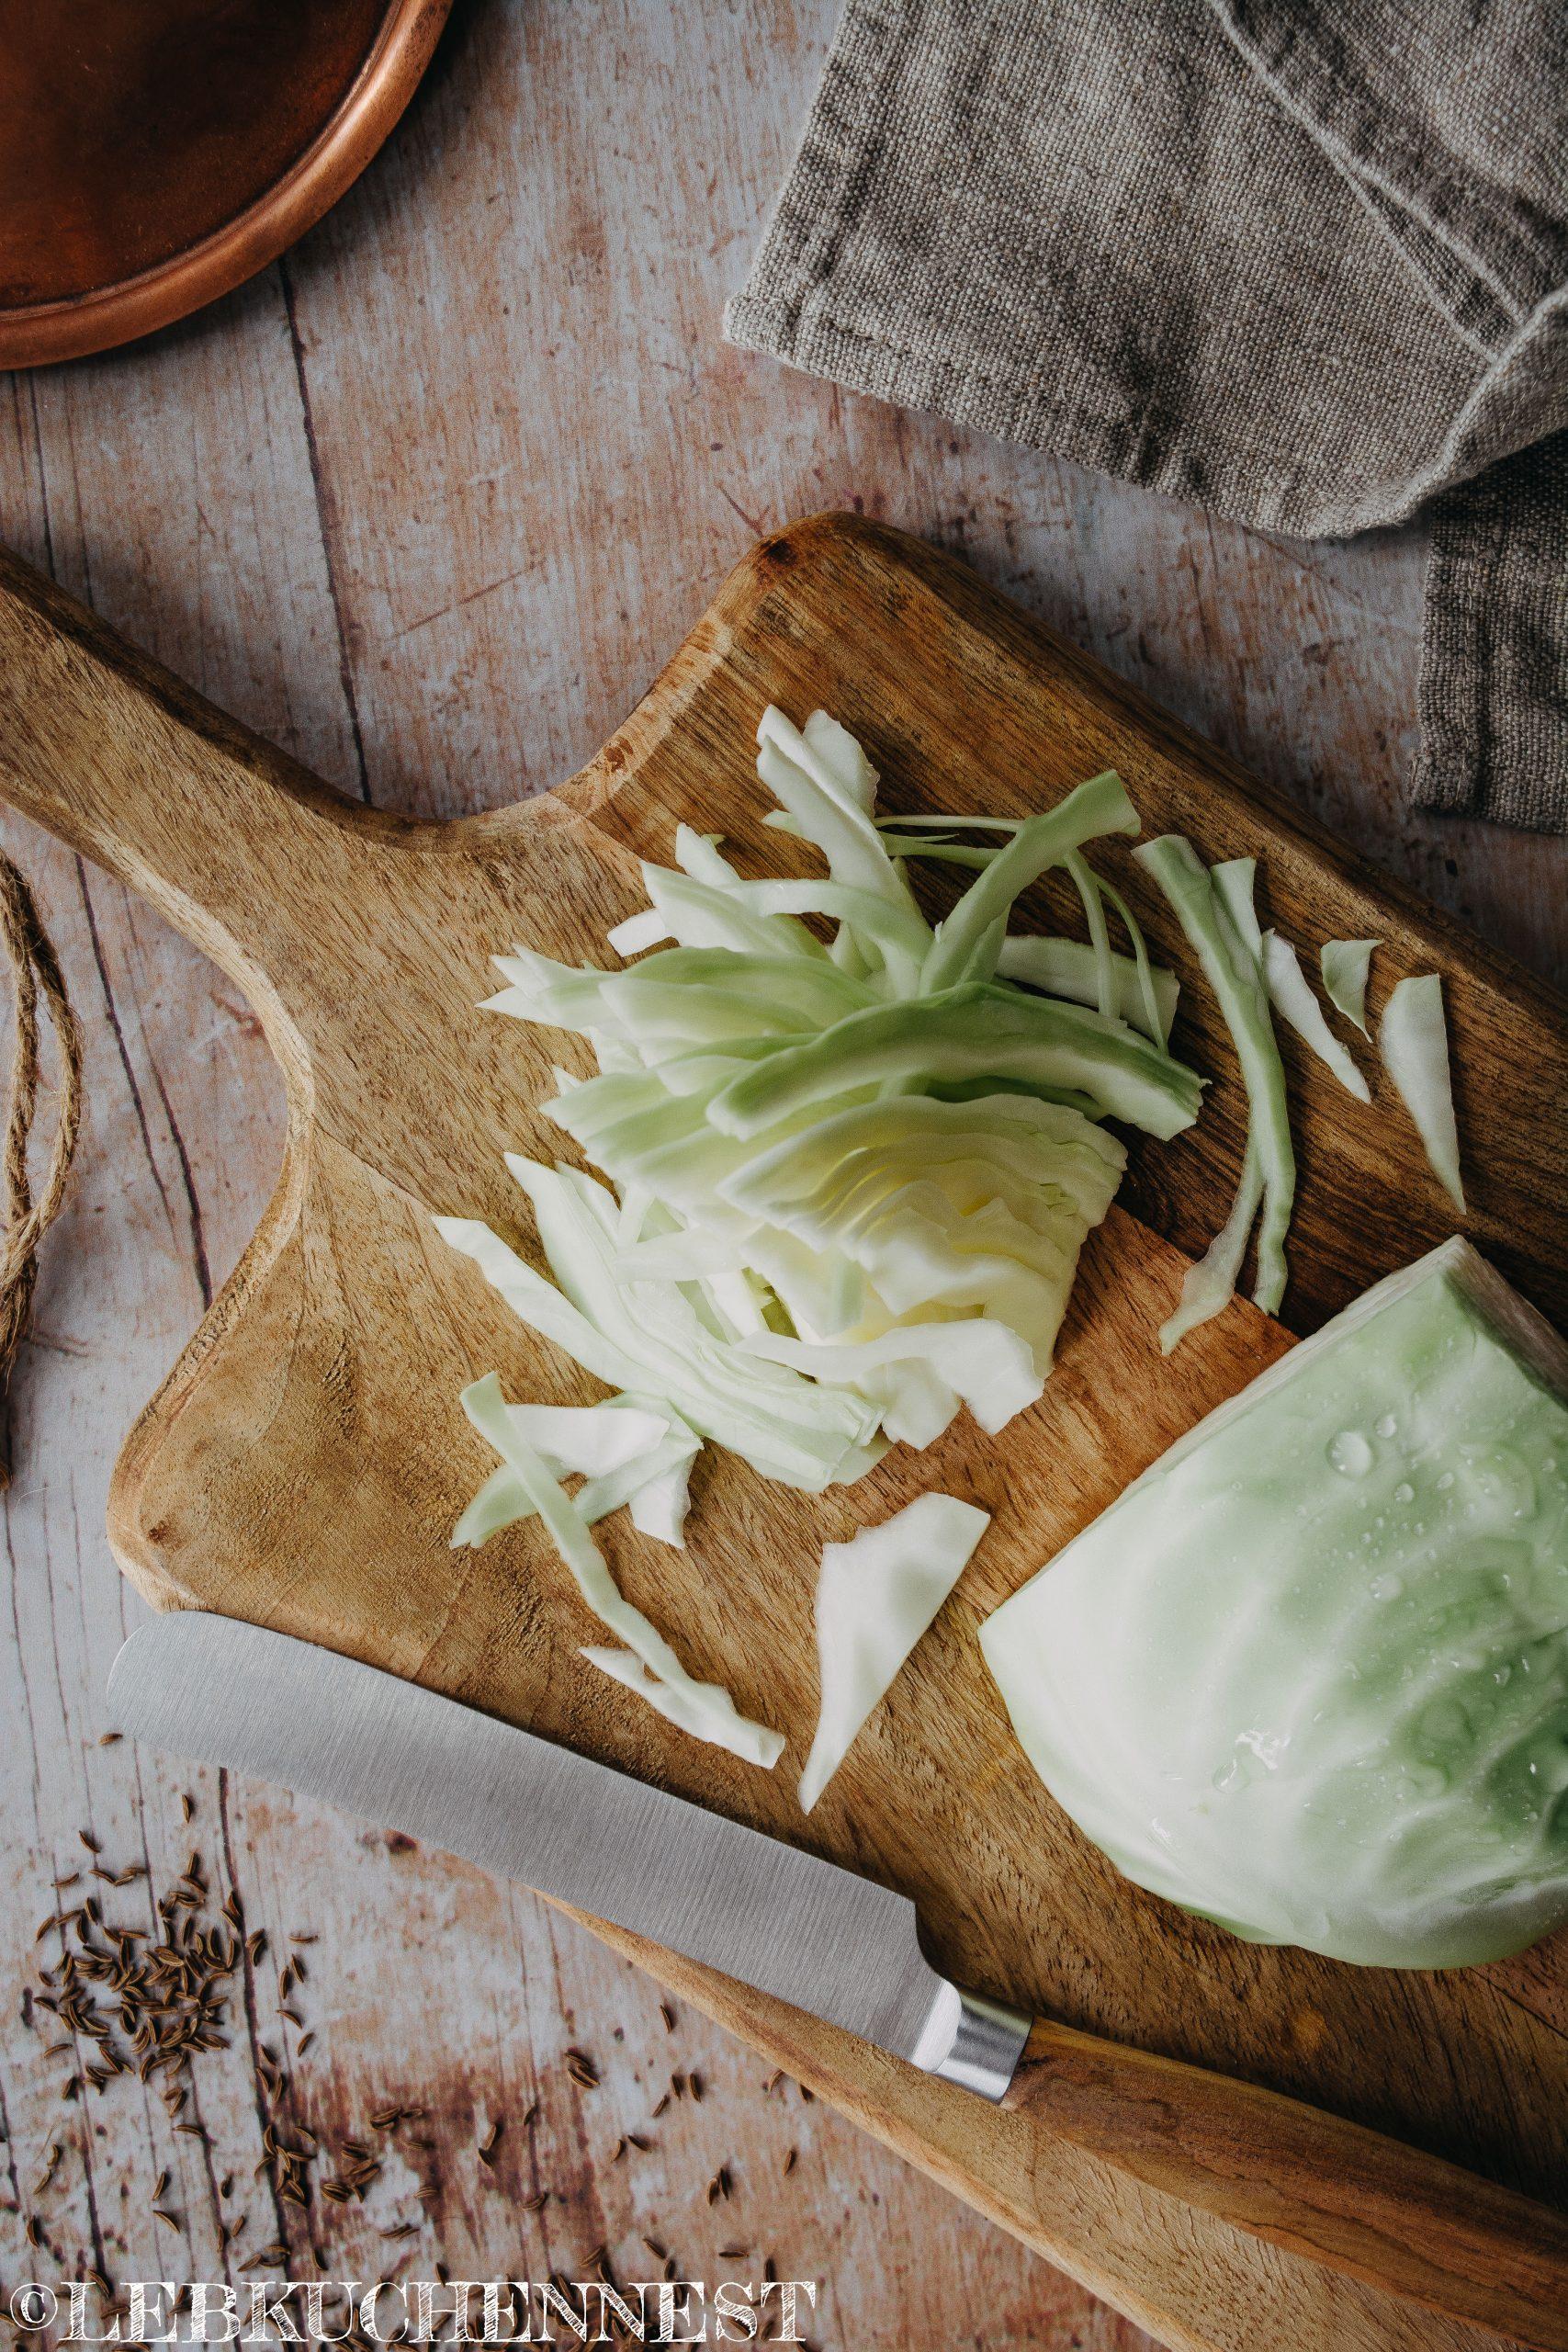 Weißkohl schneiden für Sauerkraut